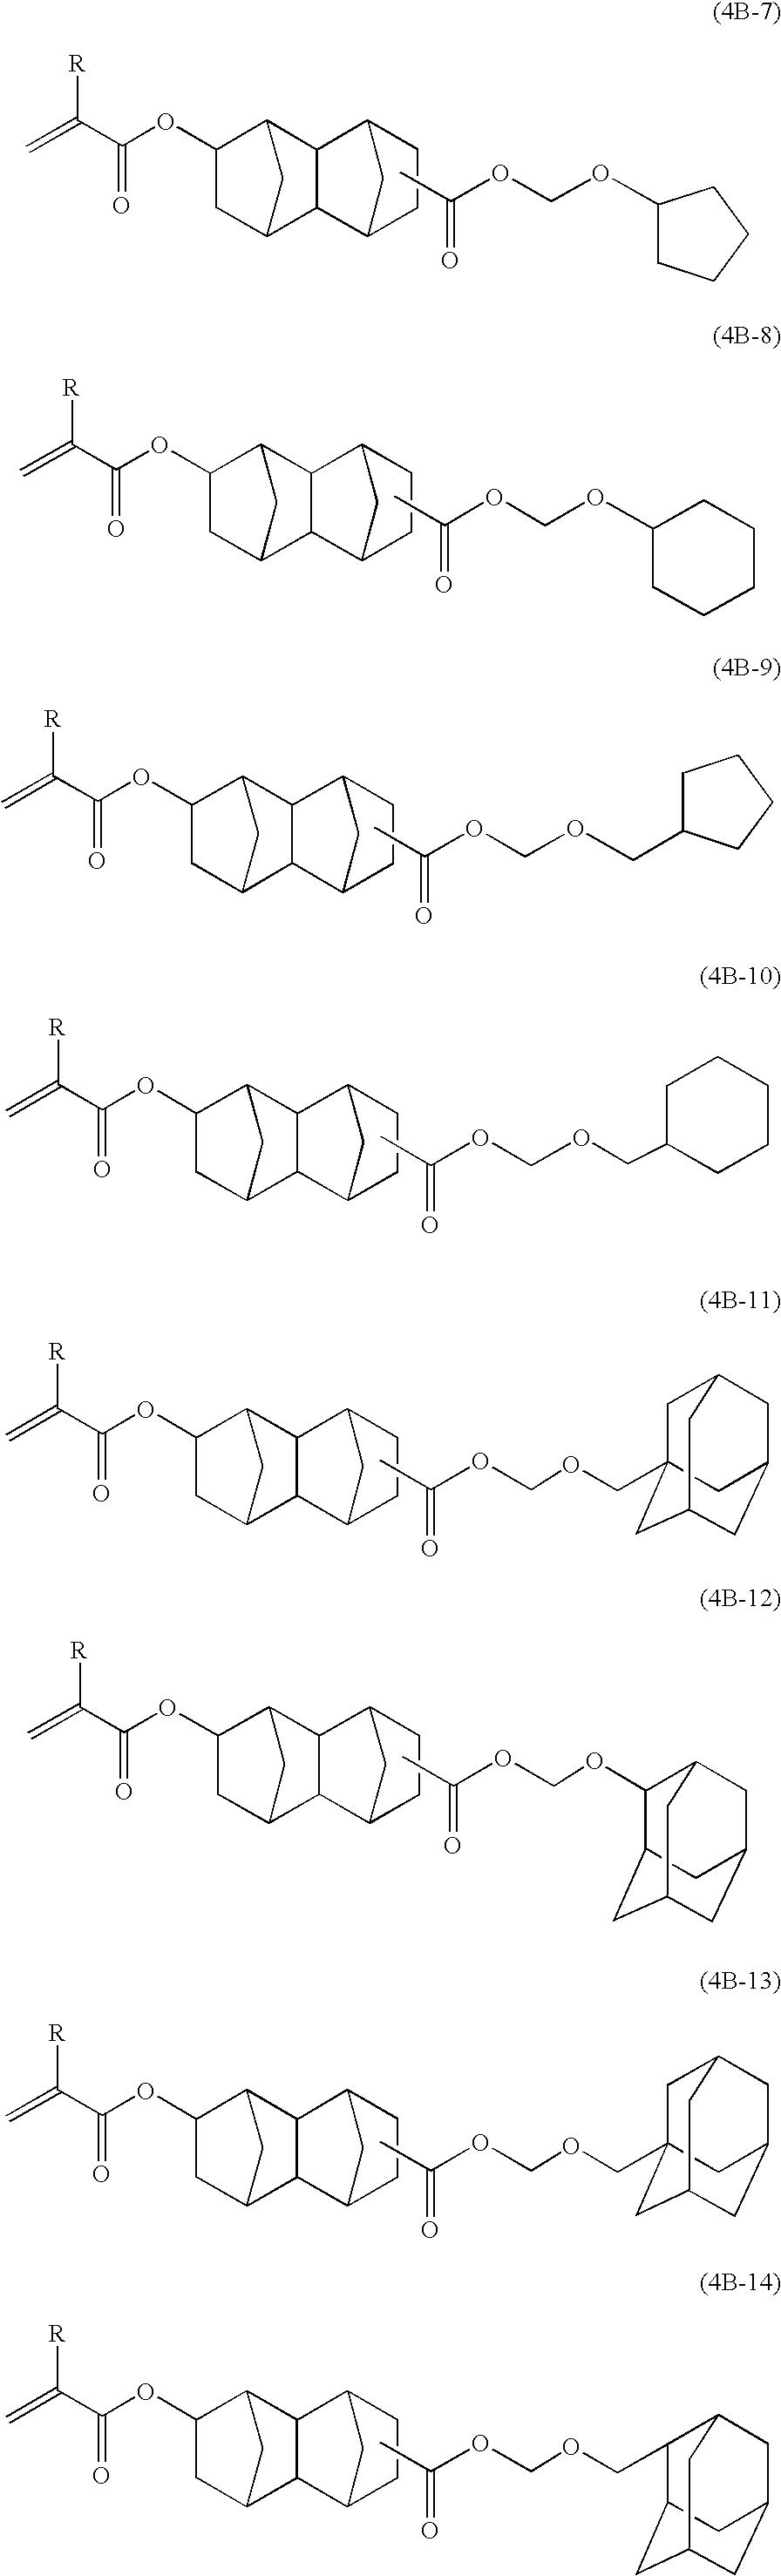 Figure US08114949-20120214-C00029